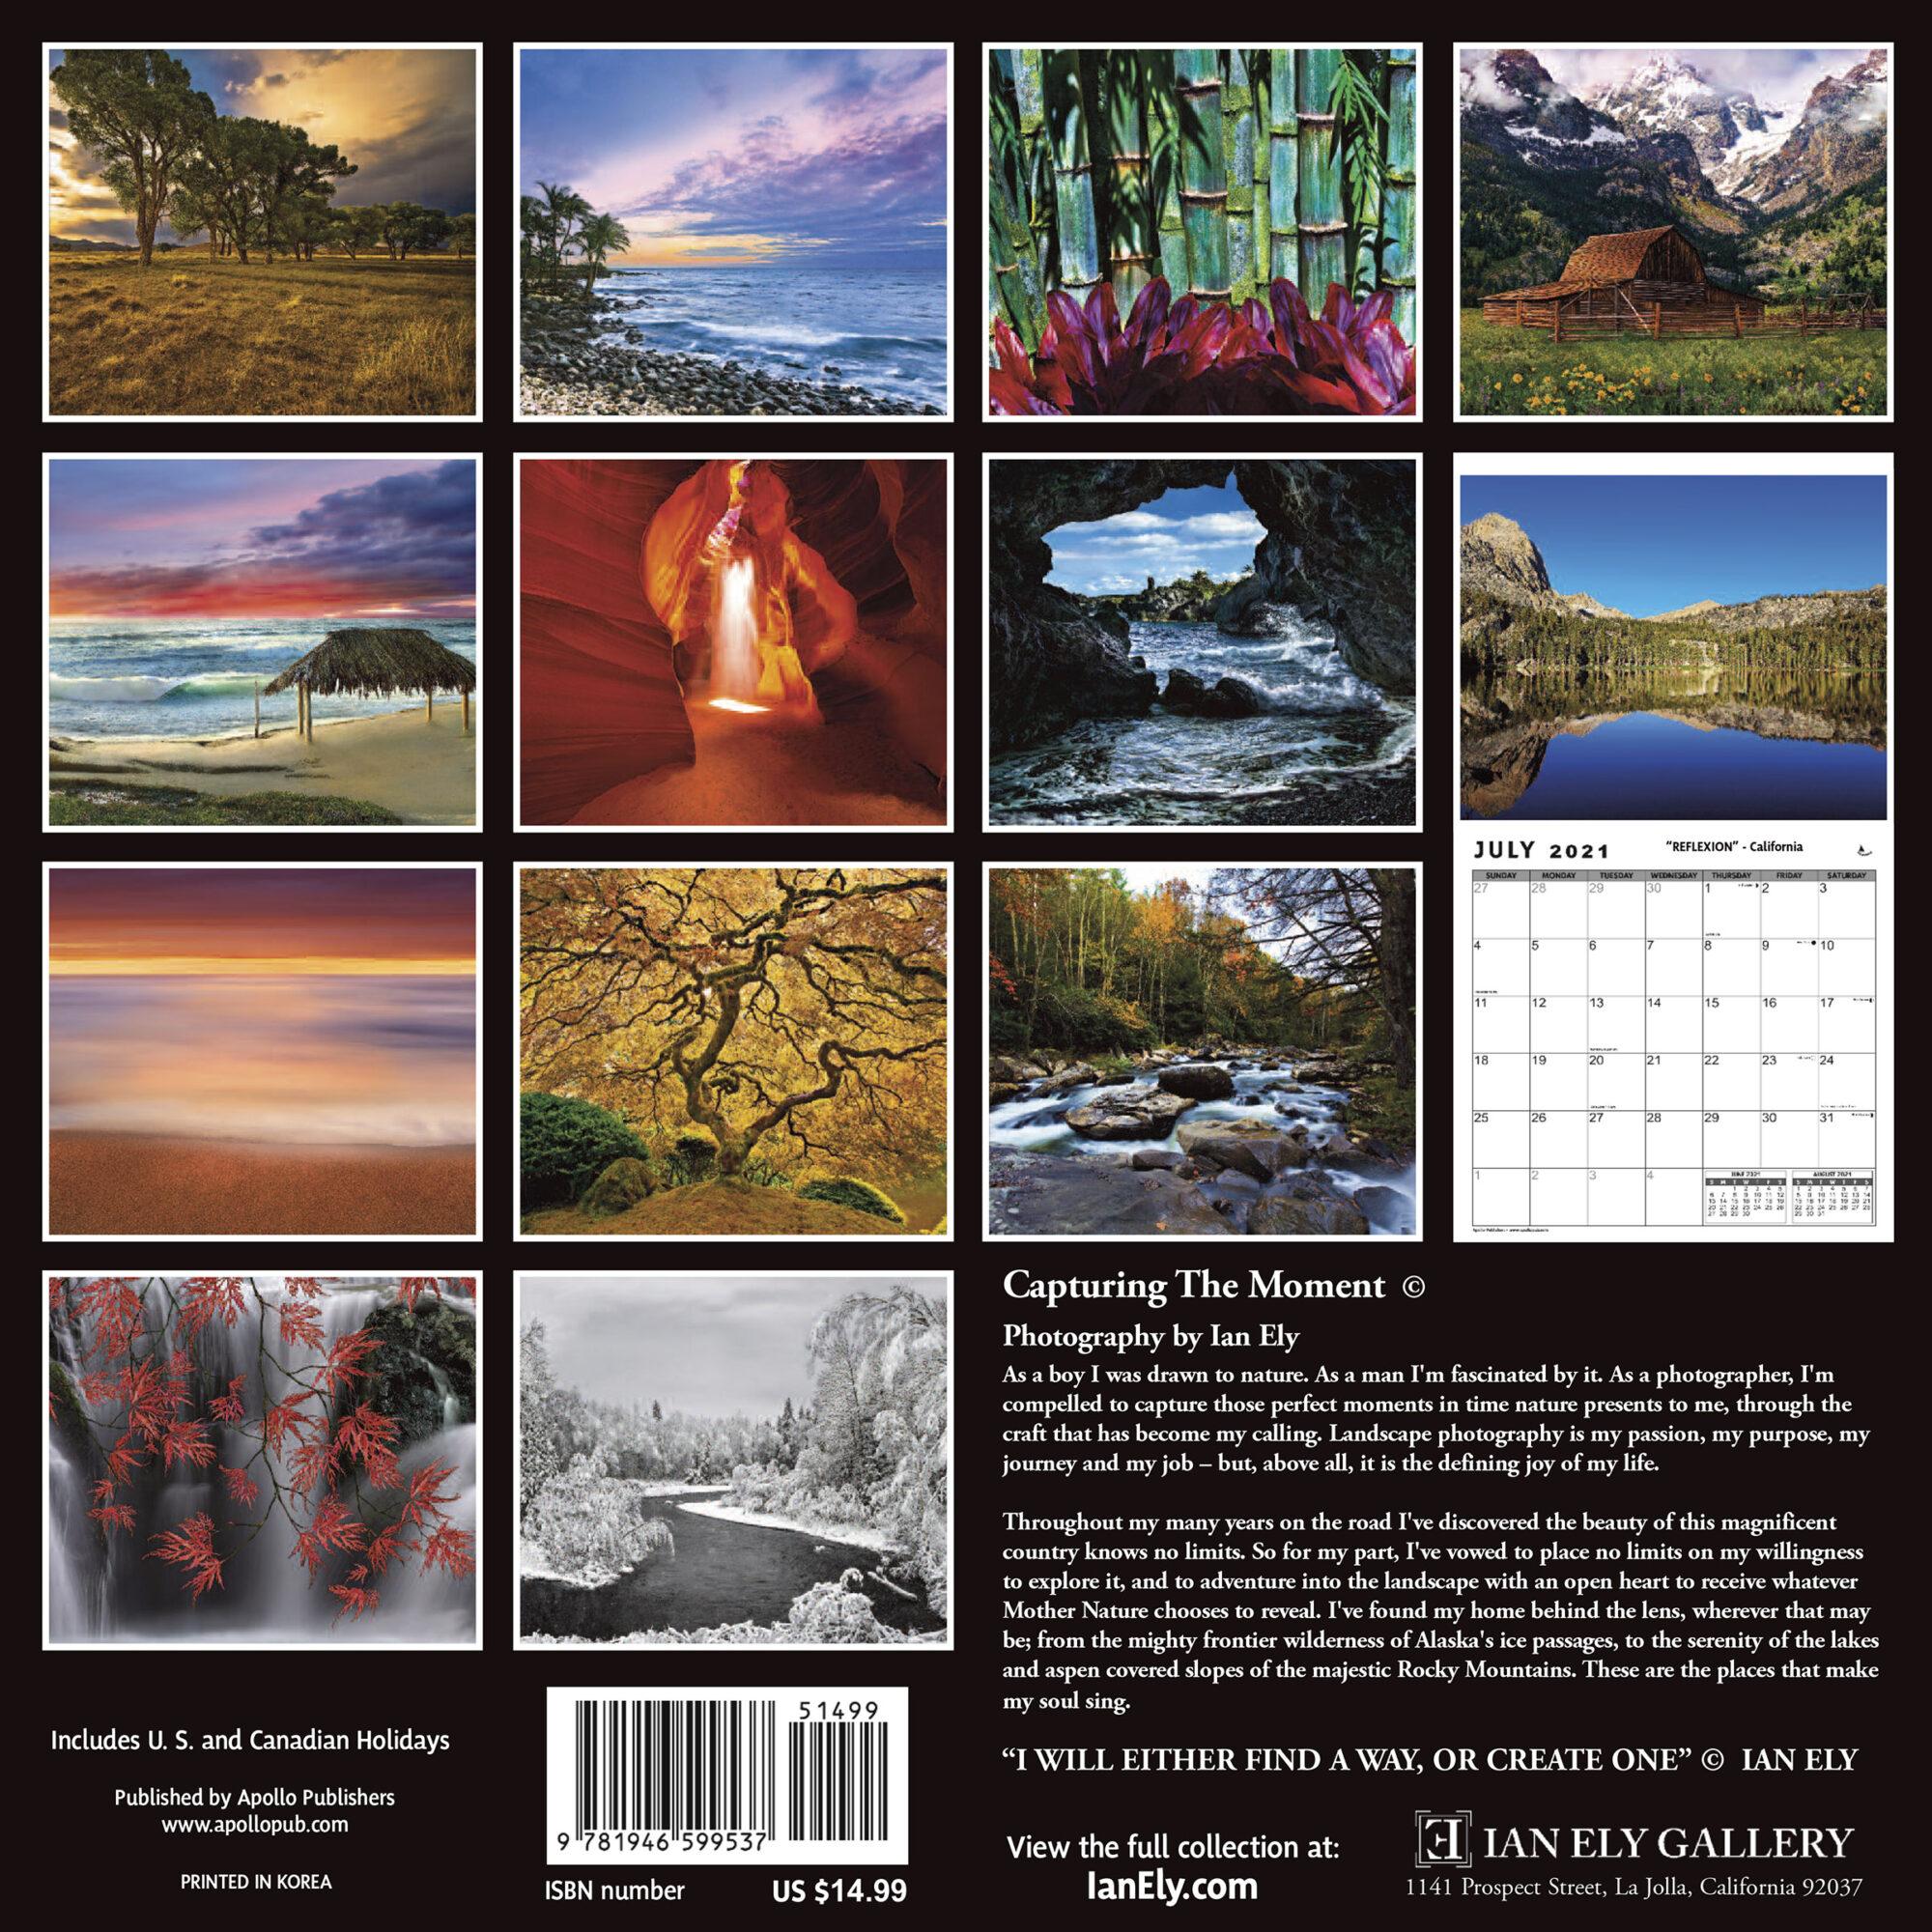 Ian Ely Calendar 2021 Sample